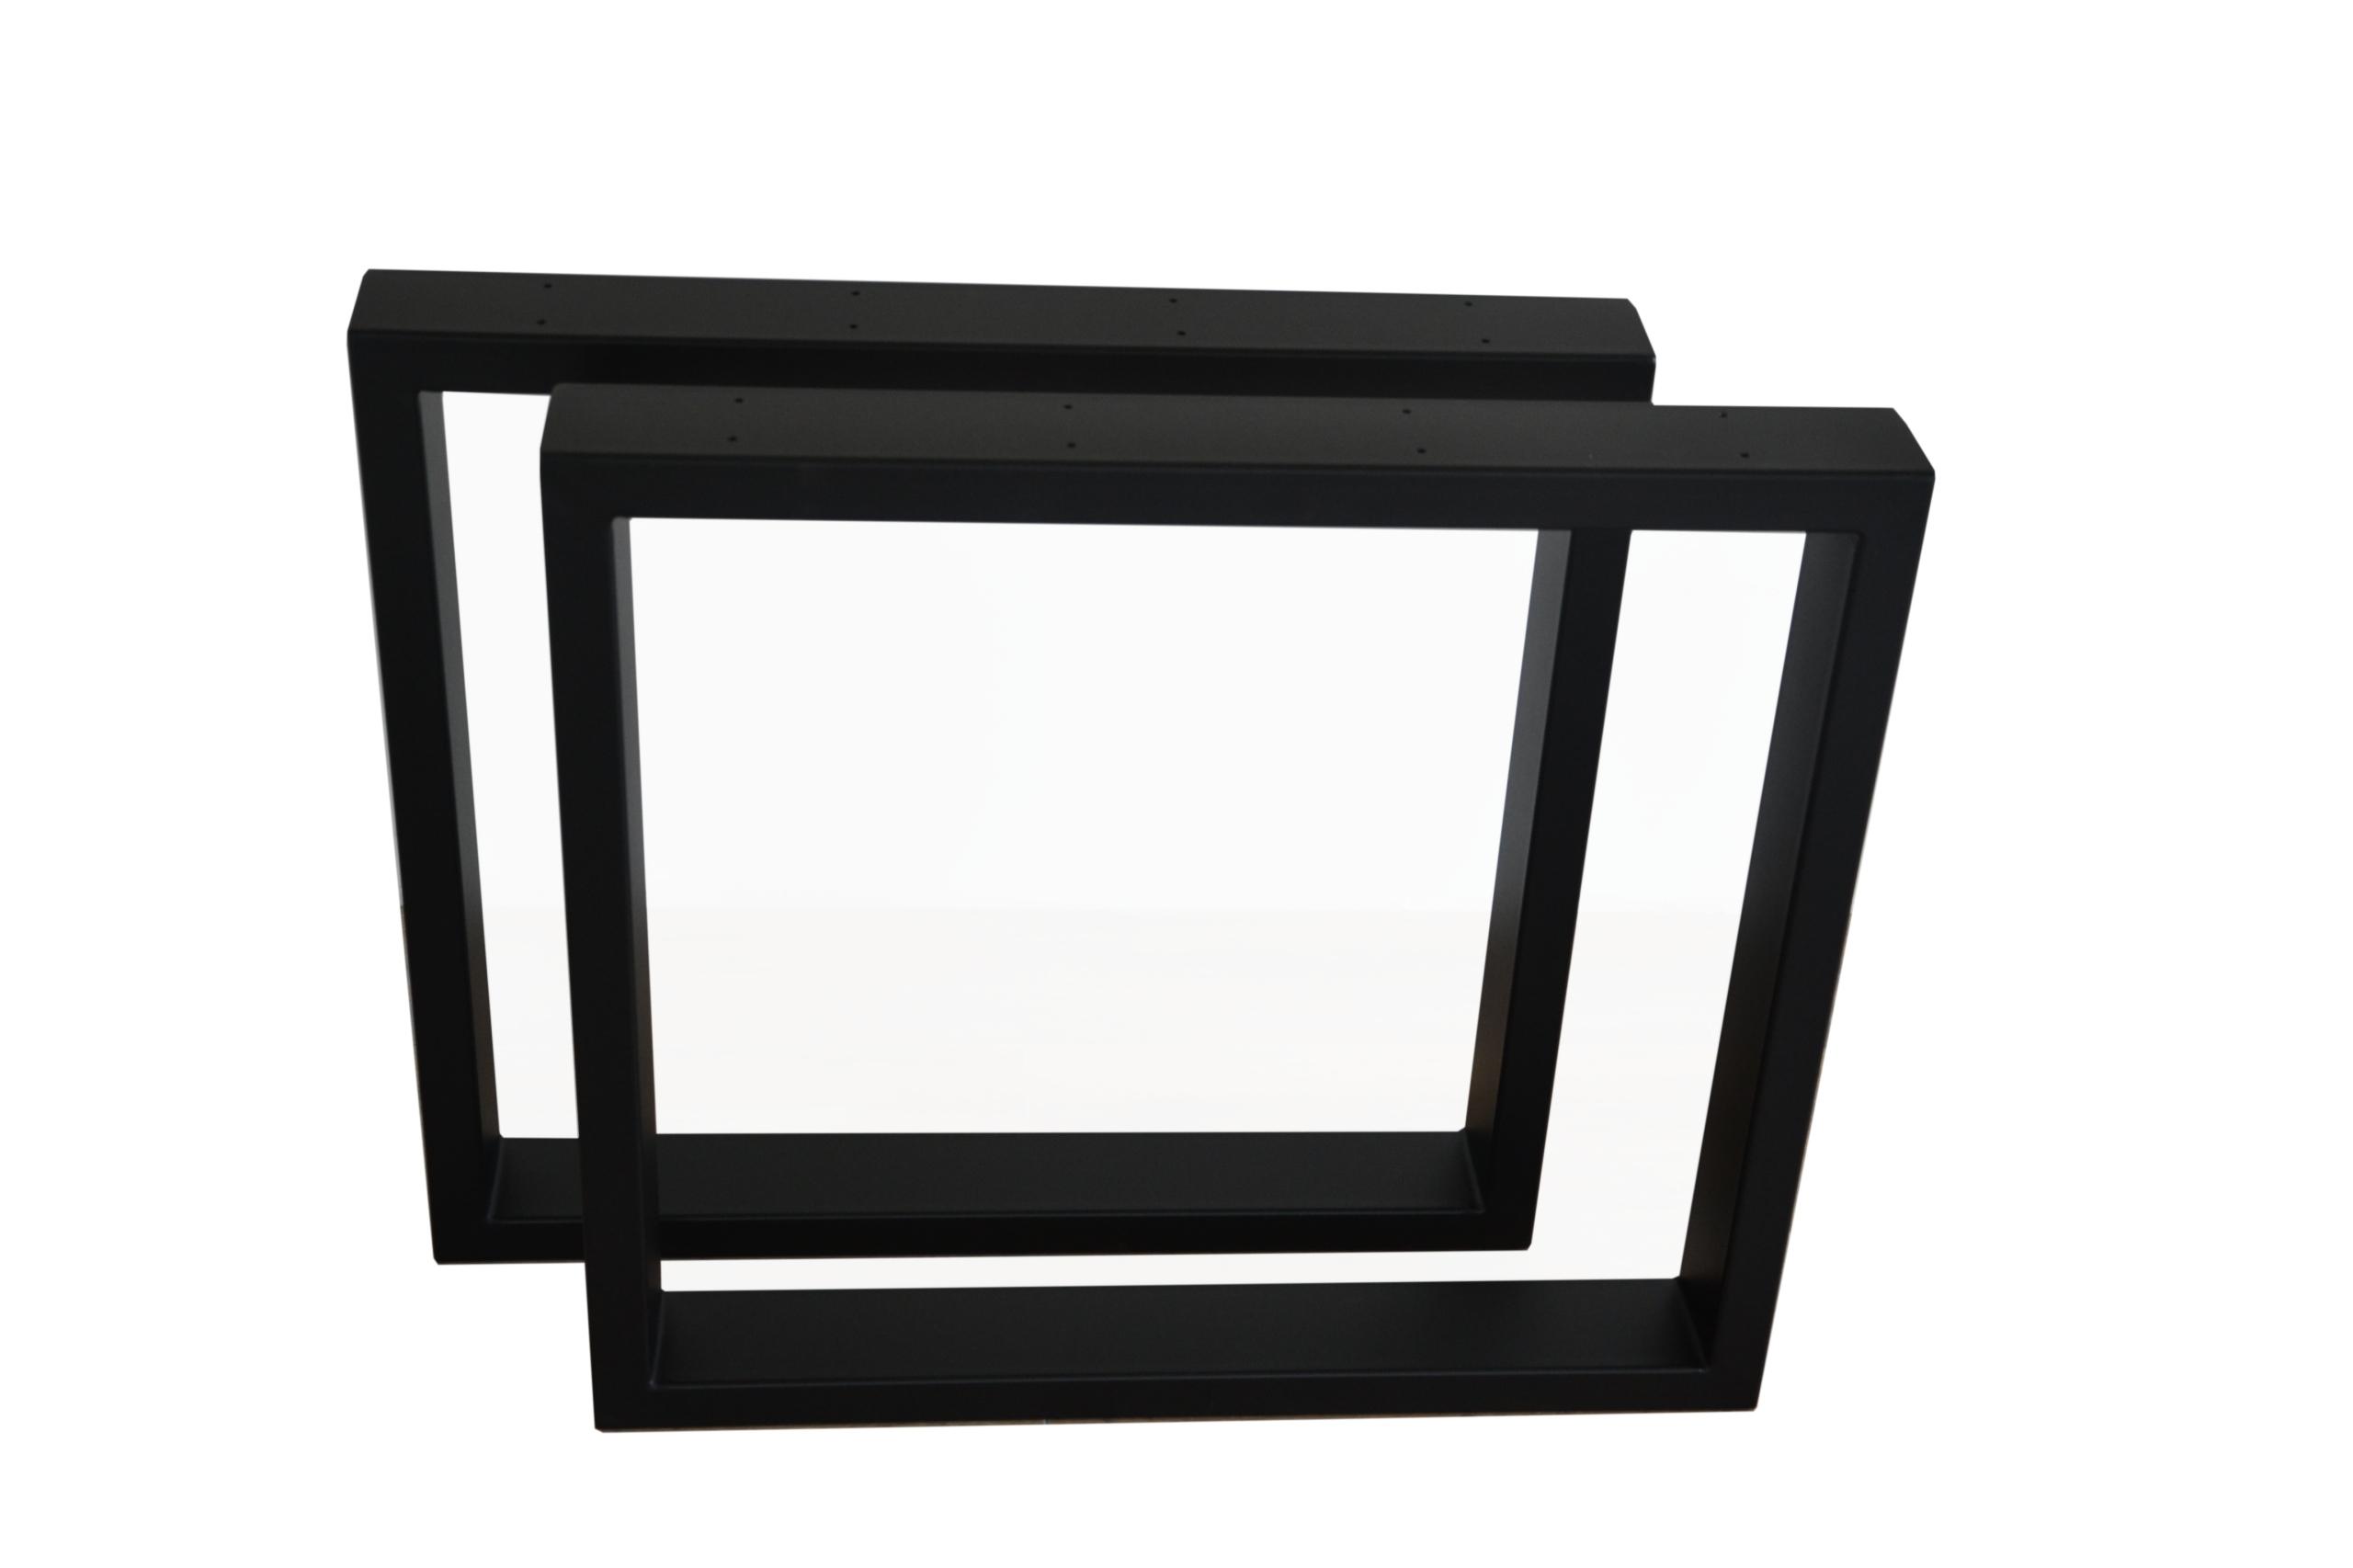 Podstawa do stołu noga metalowa 70x72 Profil 8x2cm